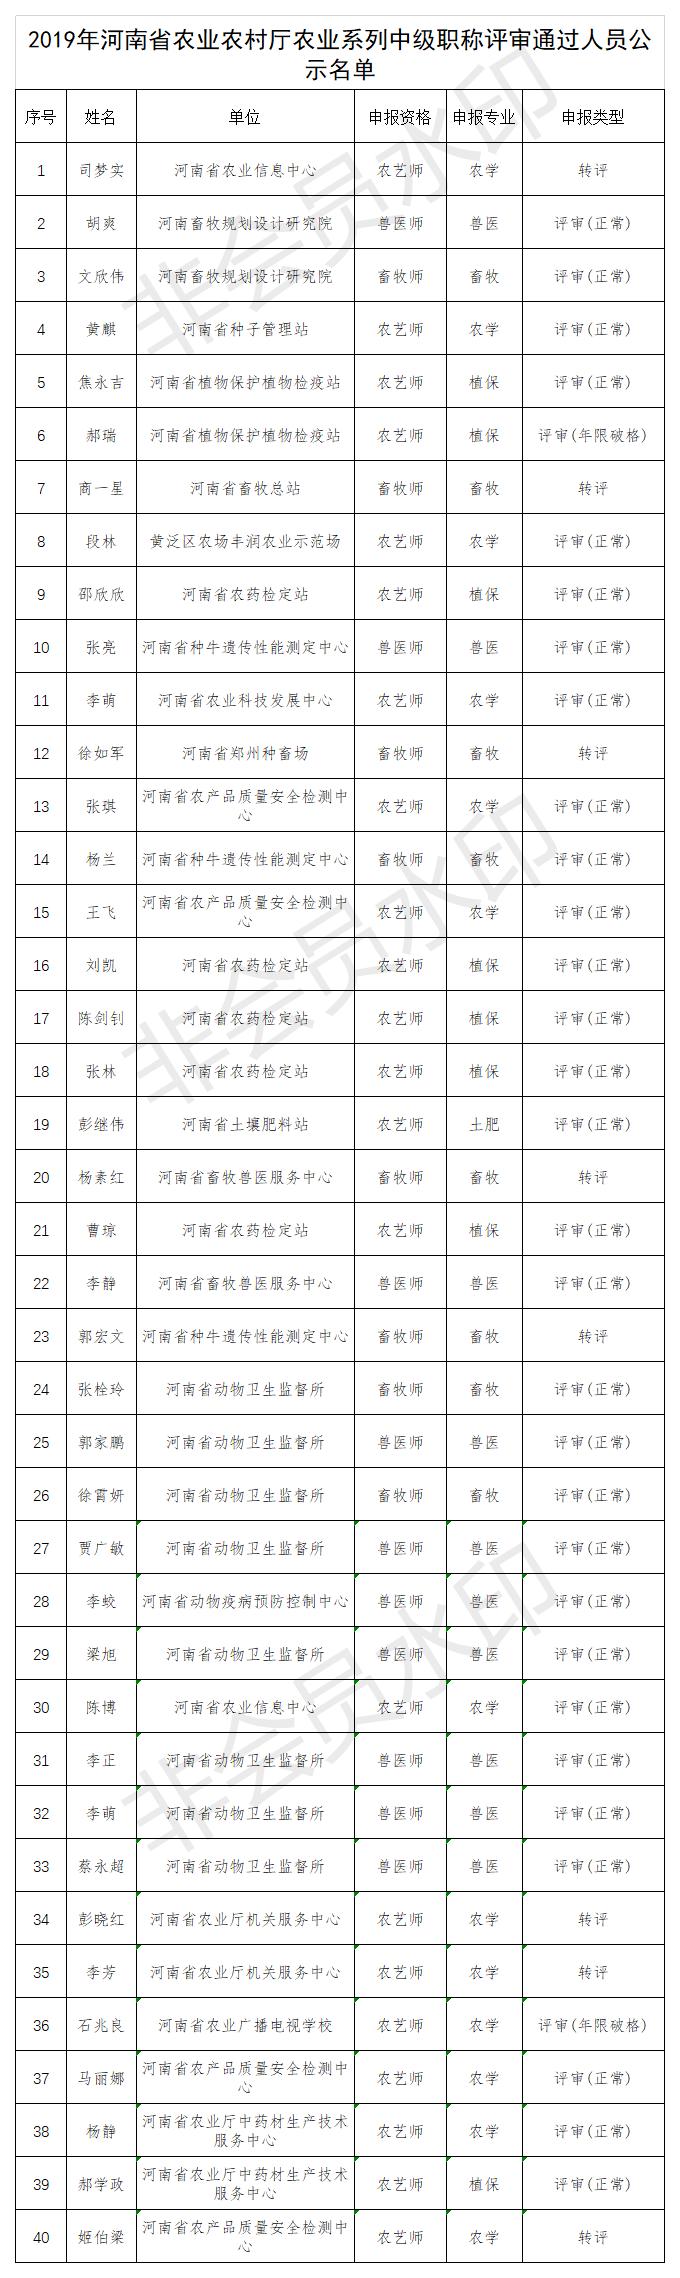 2019年中级评审通过名单.png